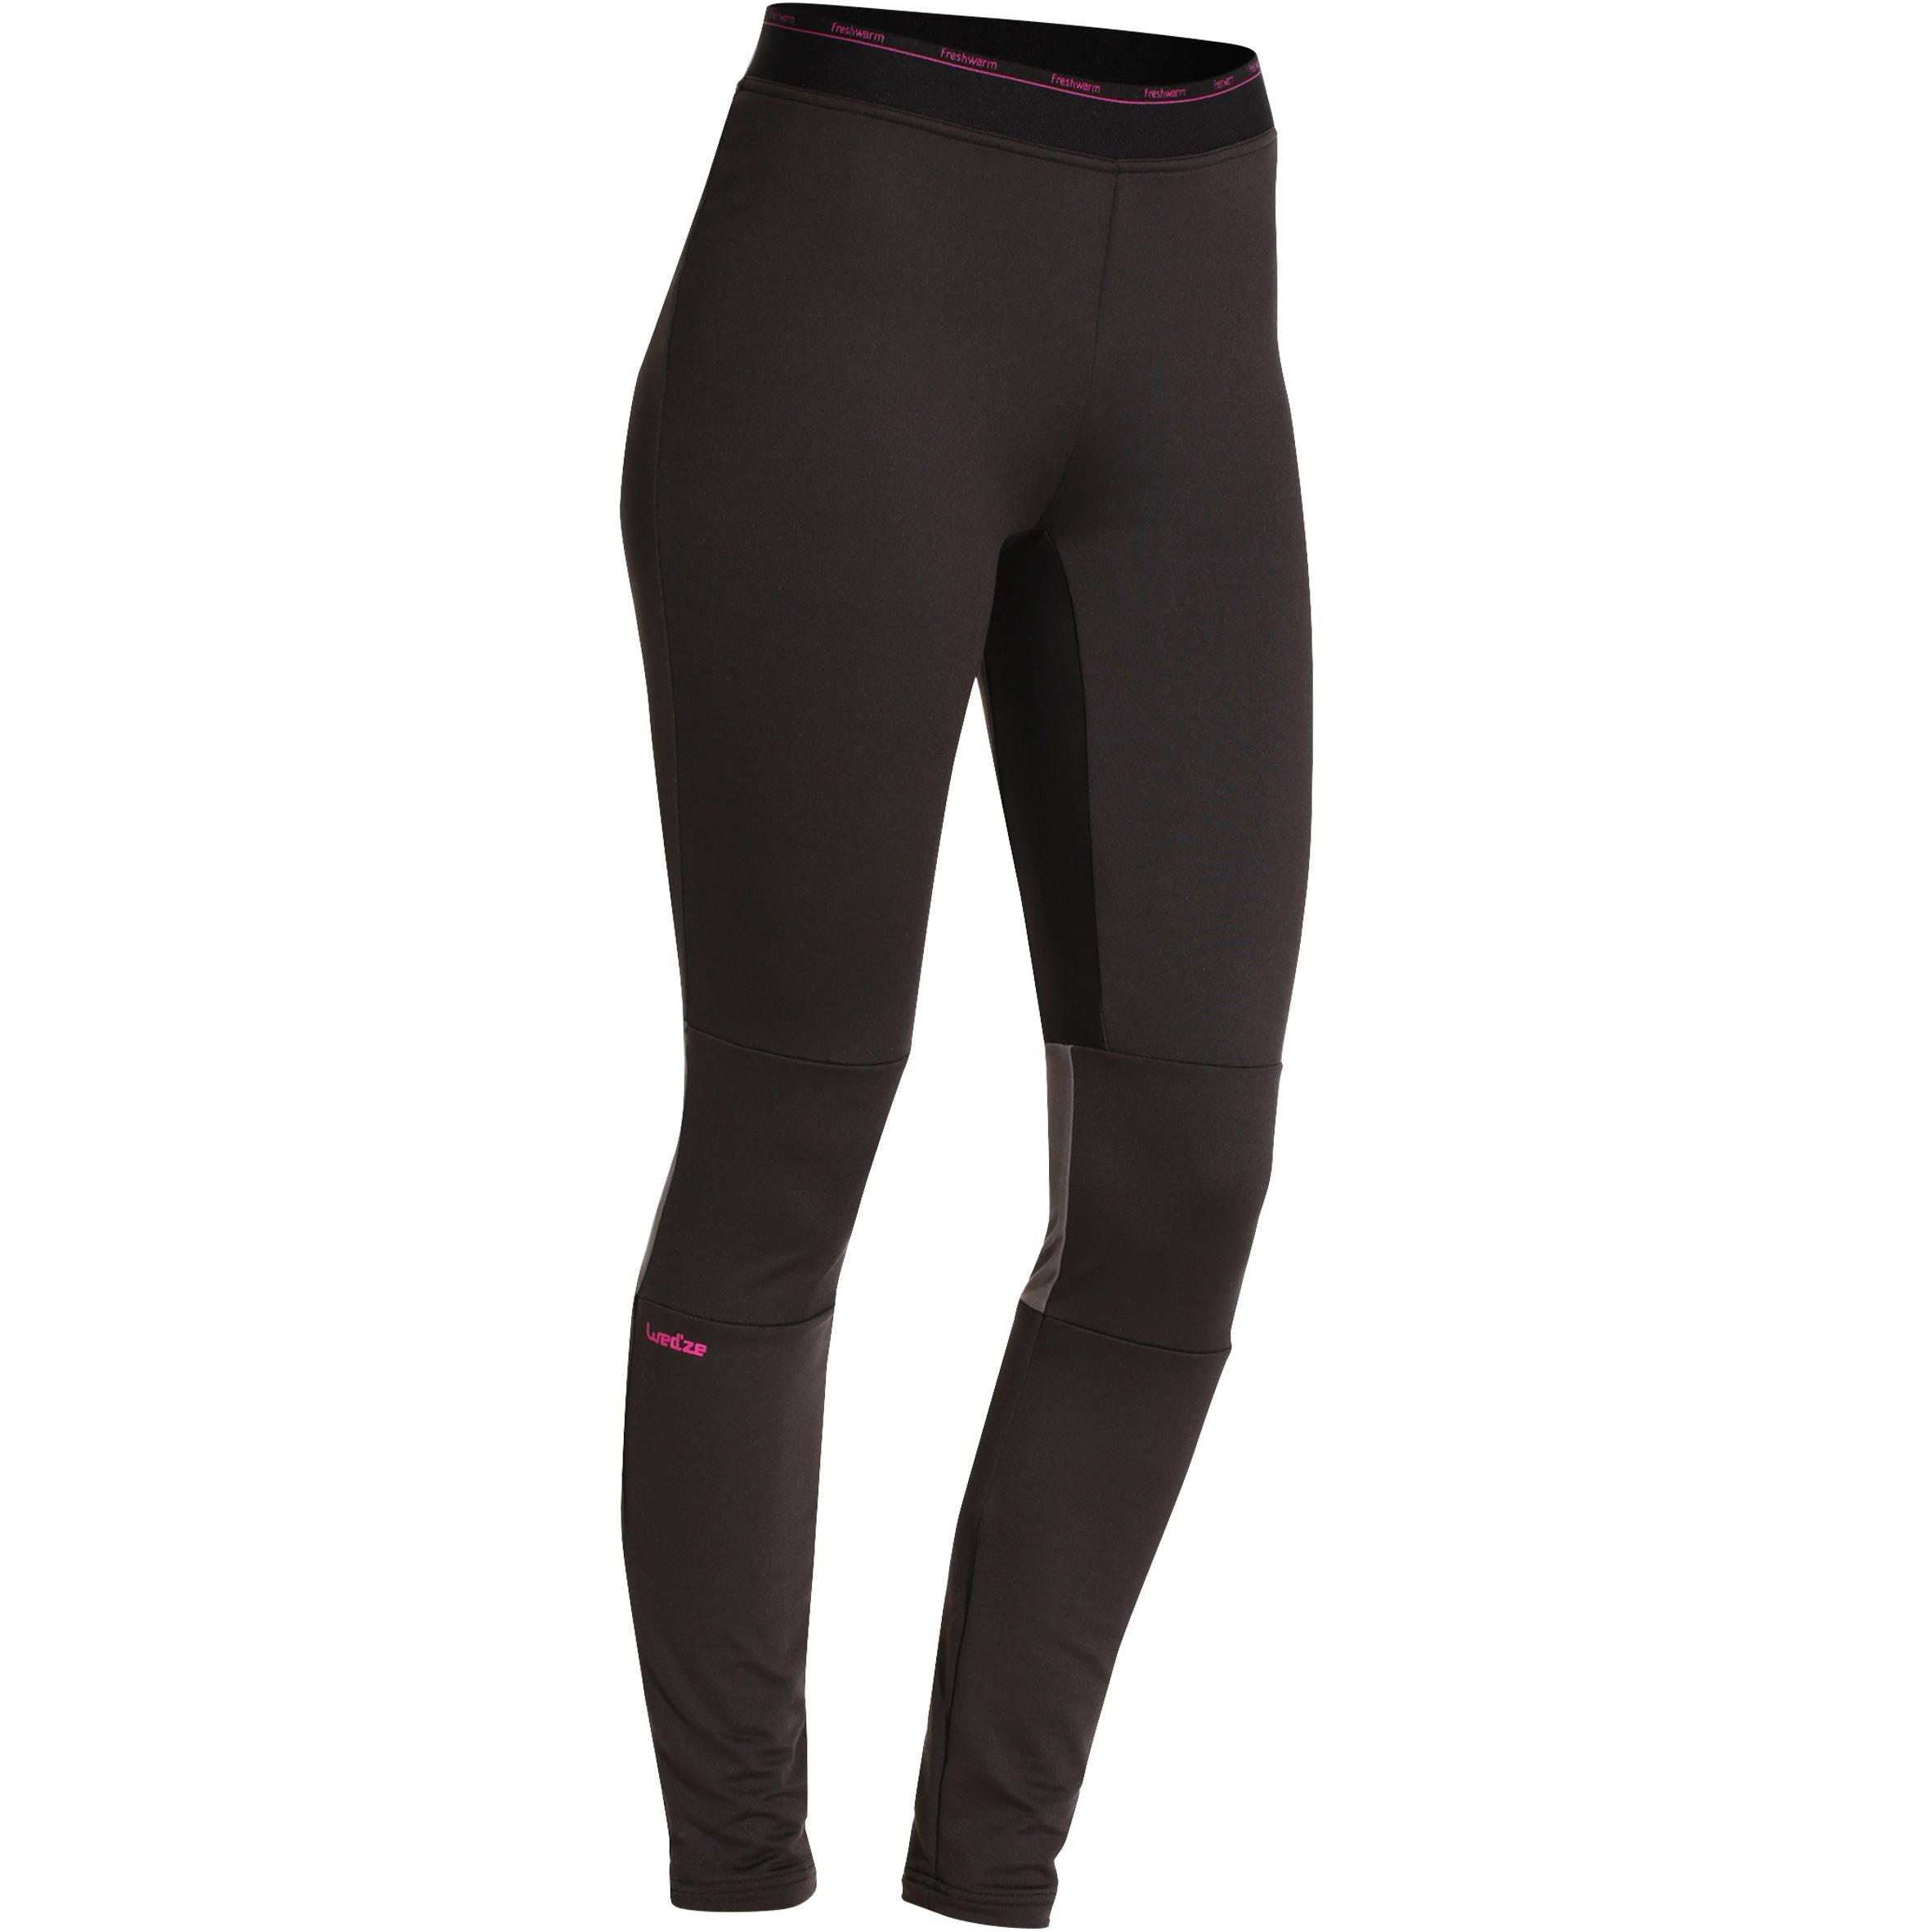 Skiunterhose Funktionshose FreshWarm Damen schwarz | Sportbekleidung > Funktionswäsche > Thermounterwäsche | Schwarz | Wed'ze